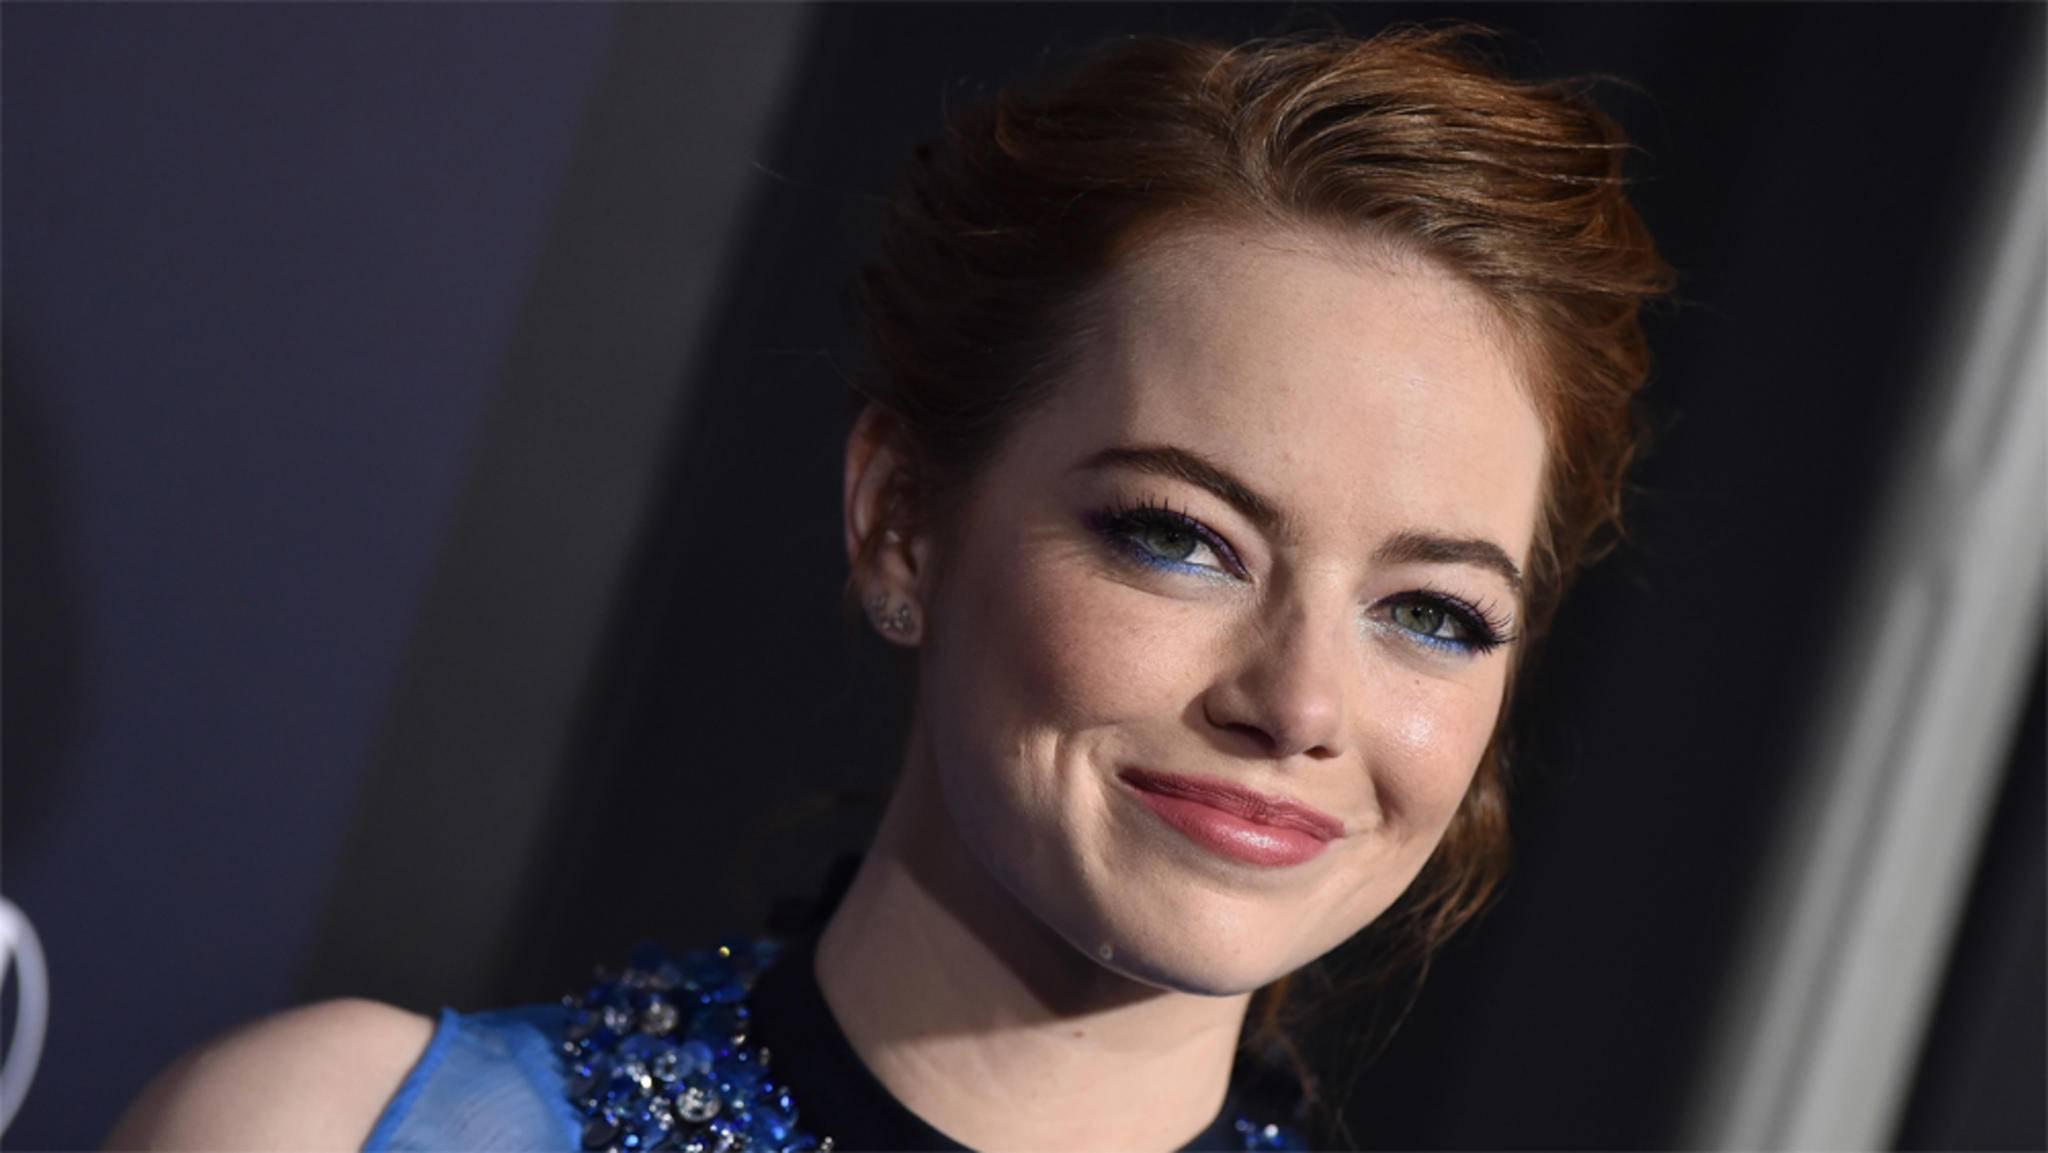 Als frischgebackene Oscarpreisträgerin ist Emma Stone als Schauspielerin gefragt wie nie.